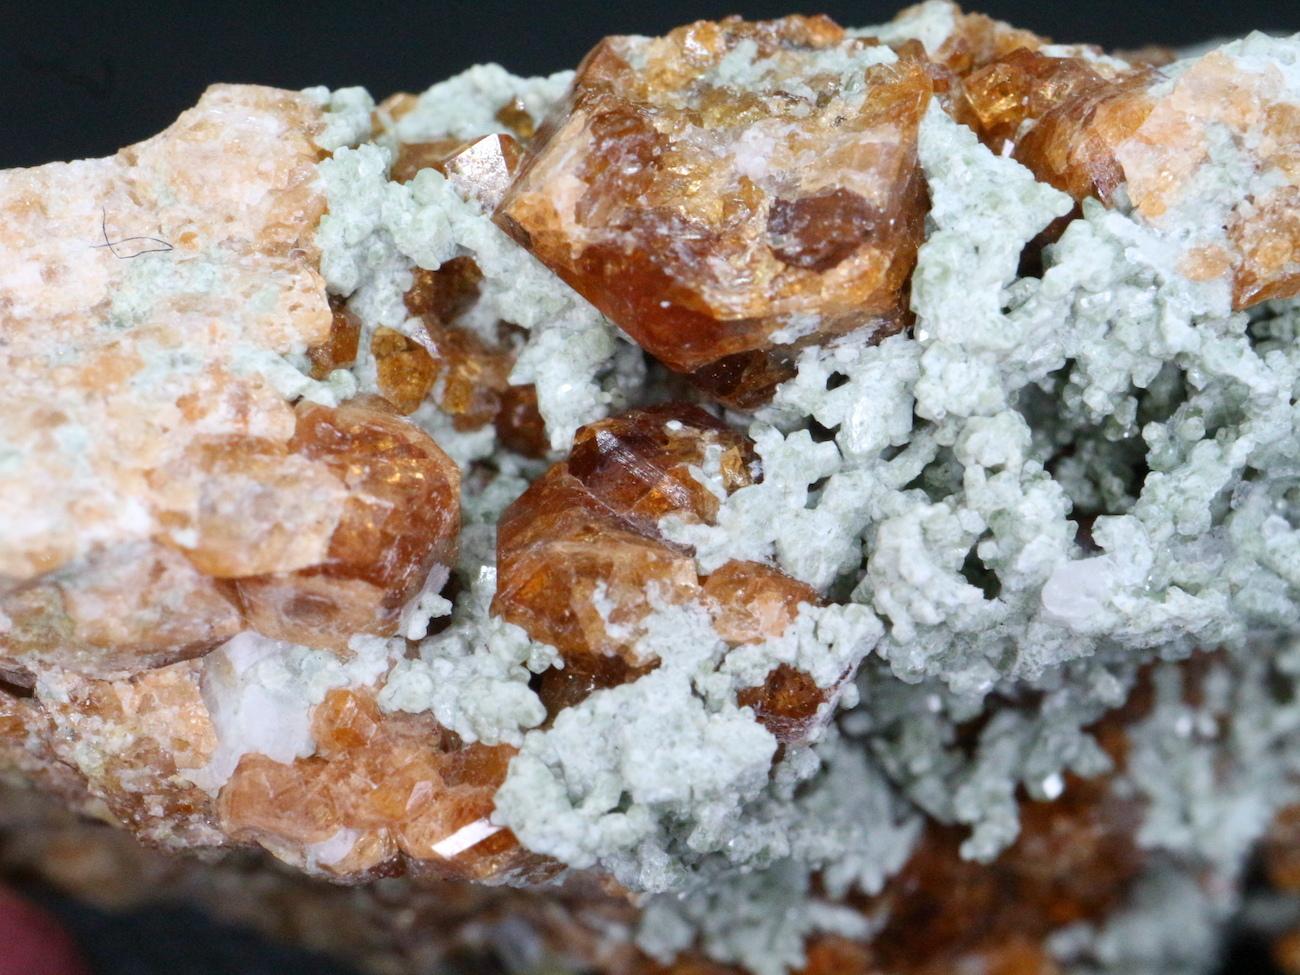 カリフォルニア産 グロッシュラーガーネットエピドート 55,3g 原石 GN043